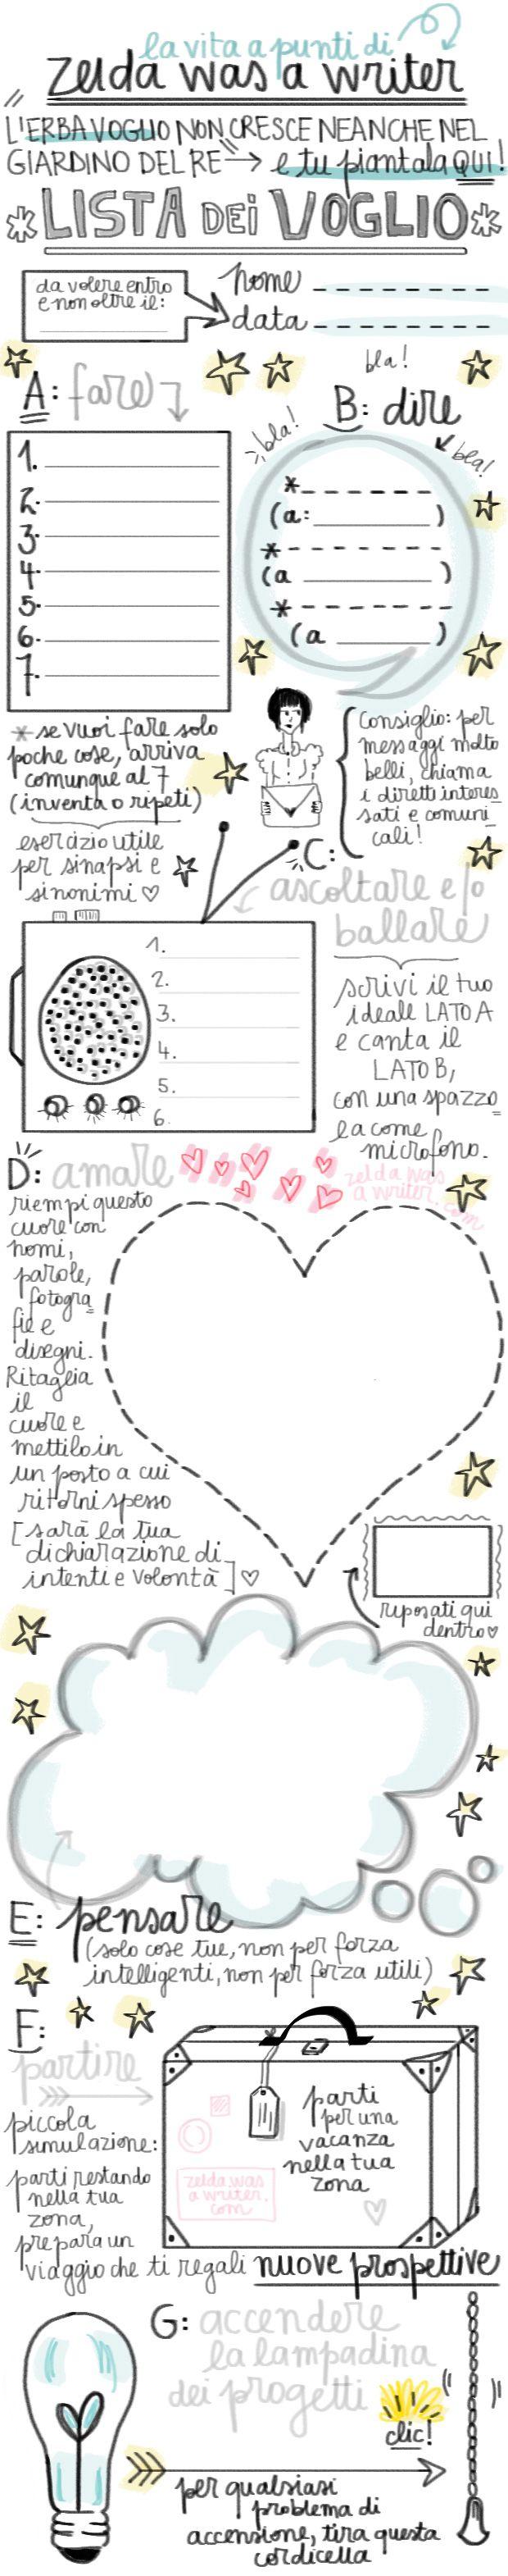 Lista dei voglio - da stampare